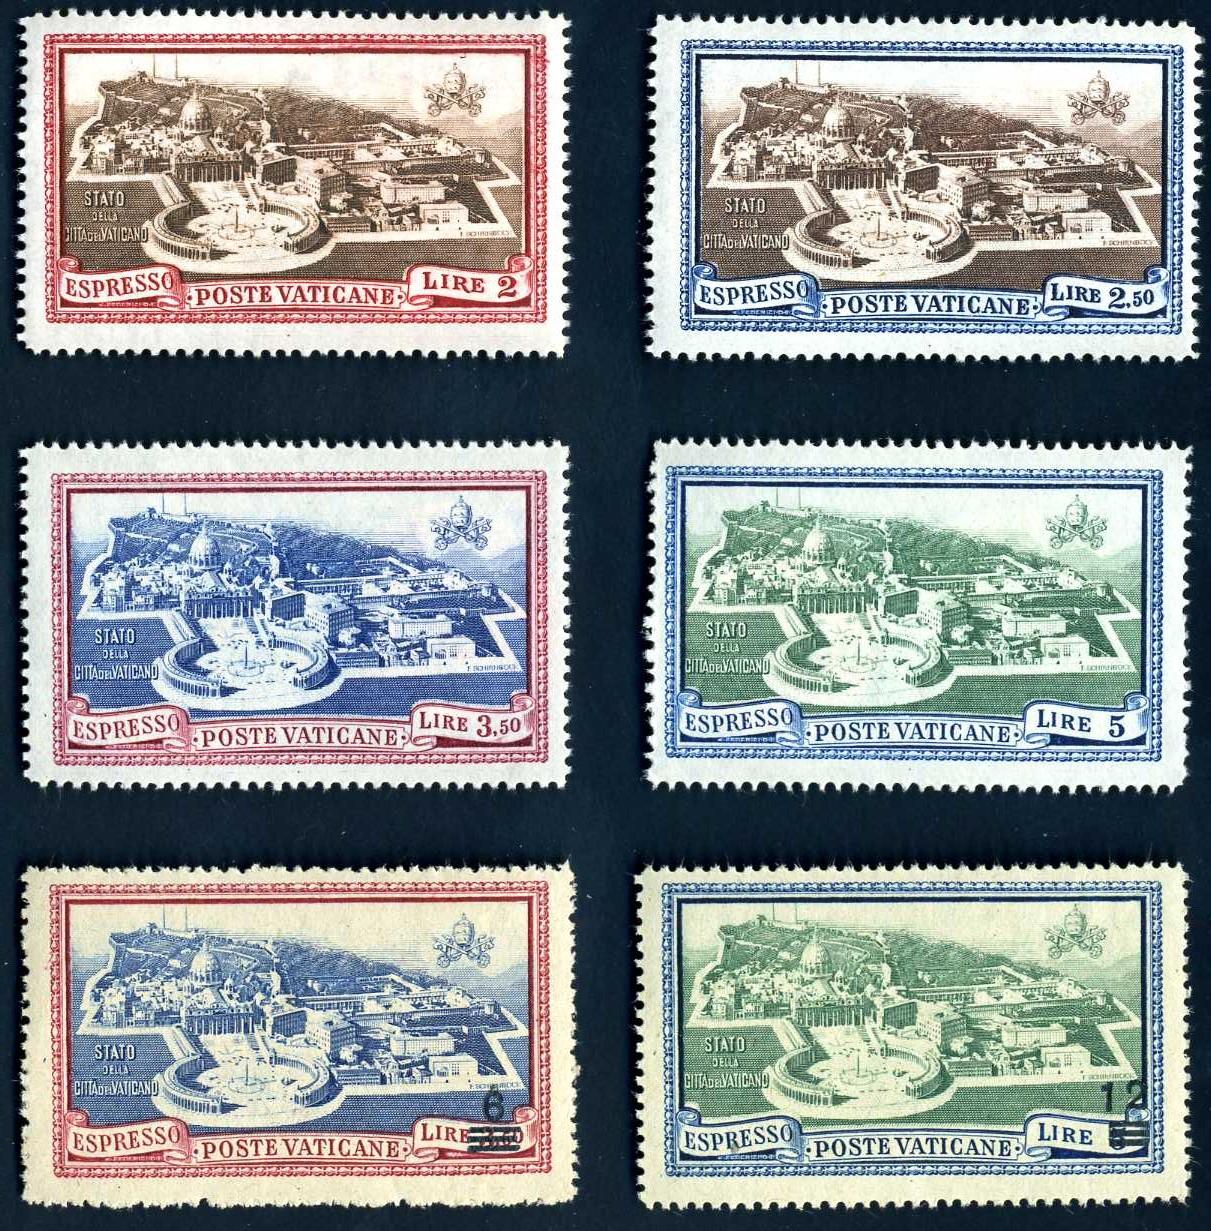 VA 006 1933 Vatikanstaat Satz.jpg